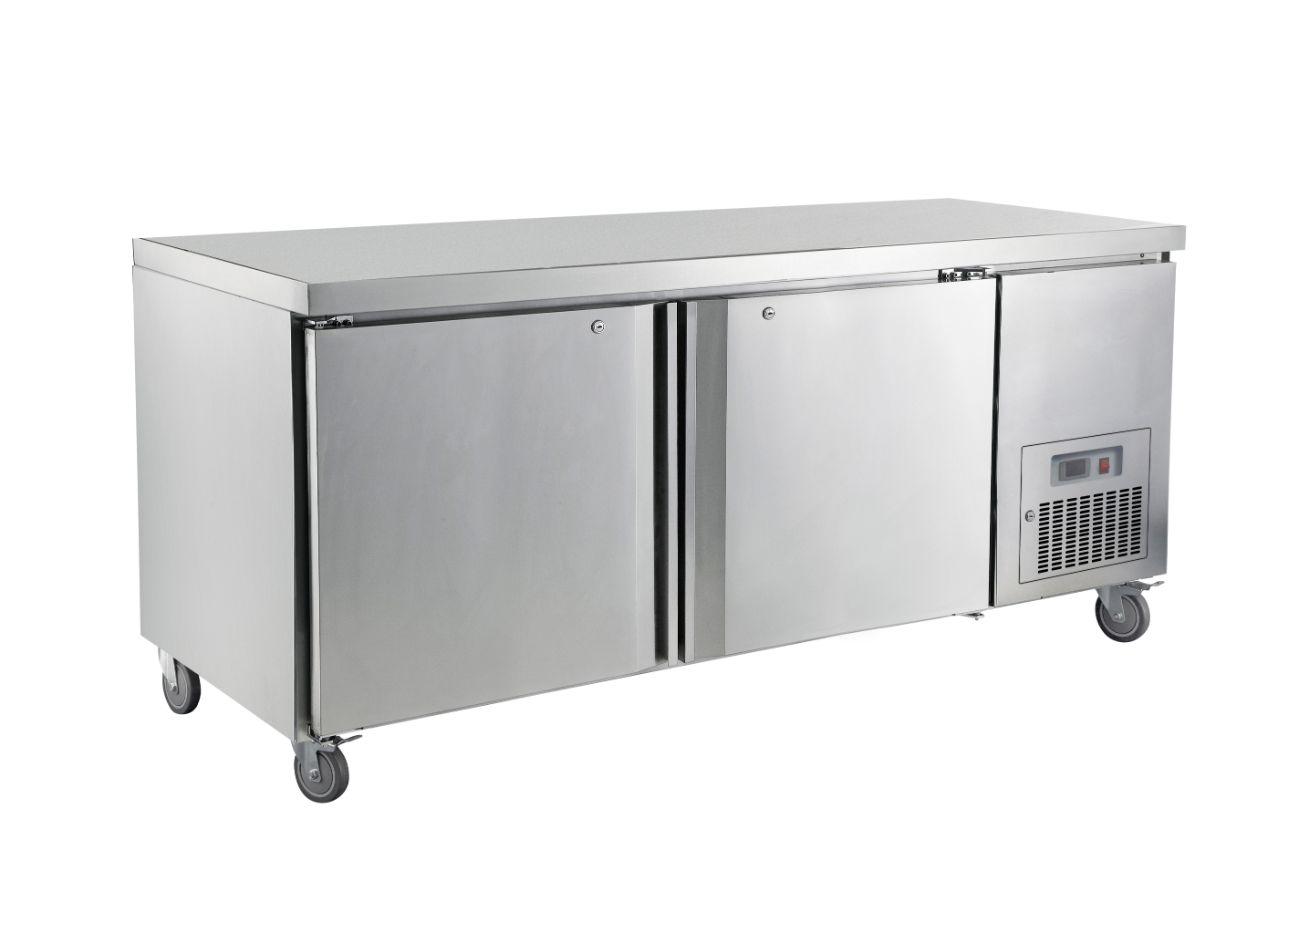 Saltas CUF1800 Undercounter Freezer